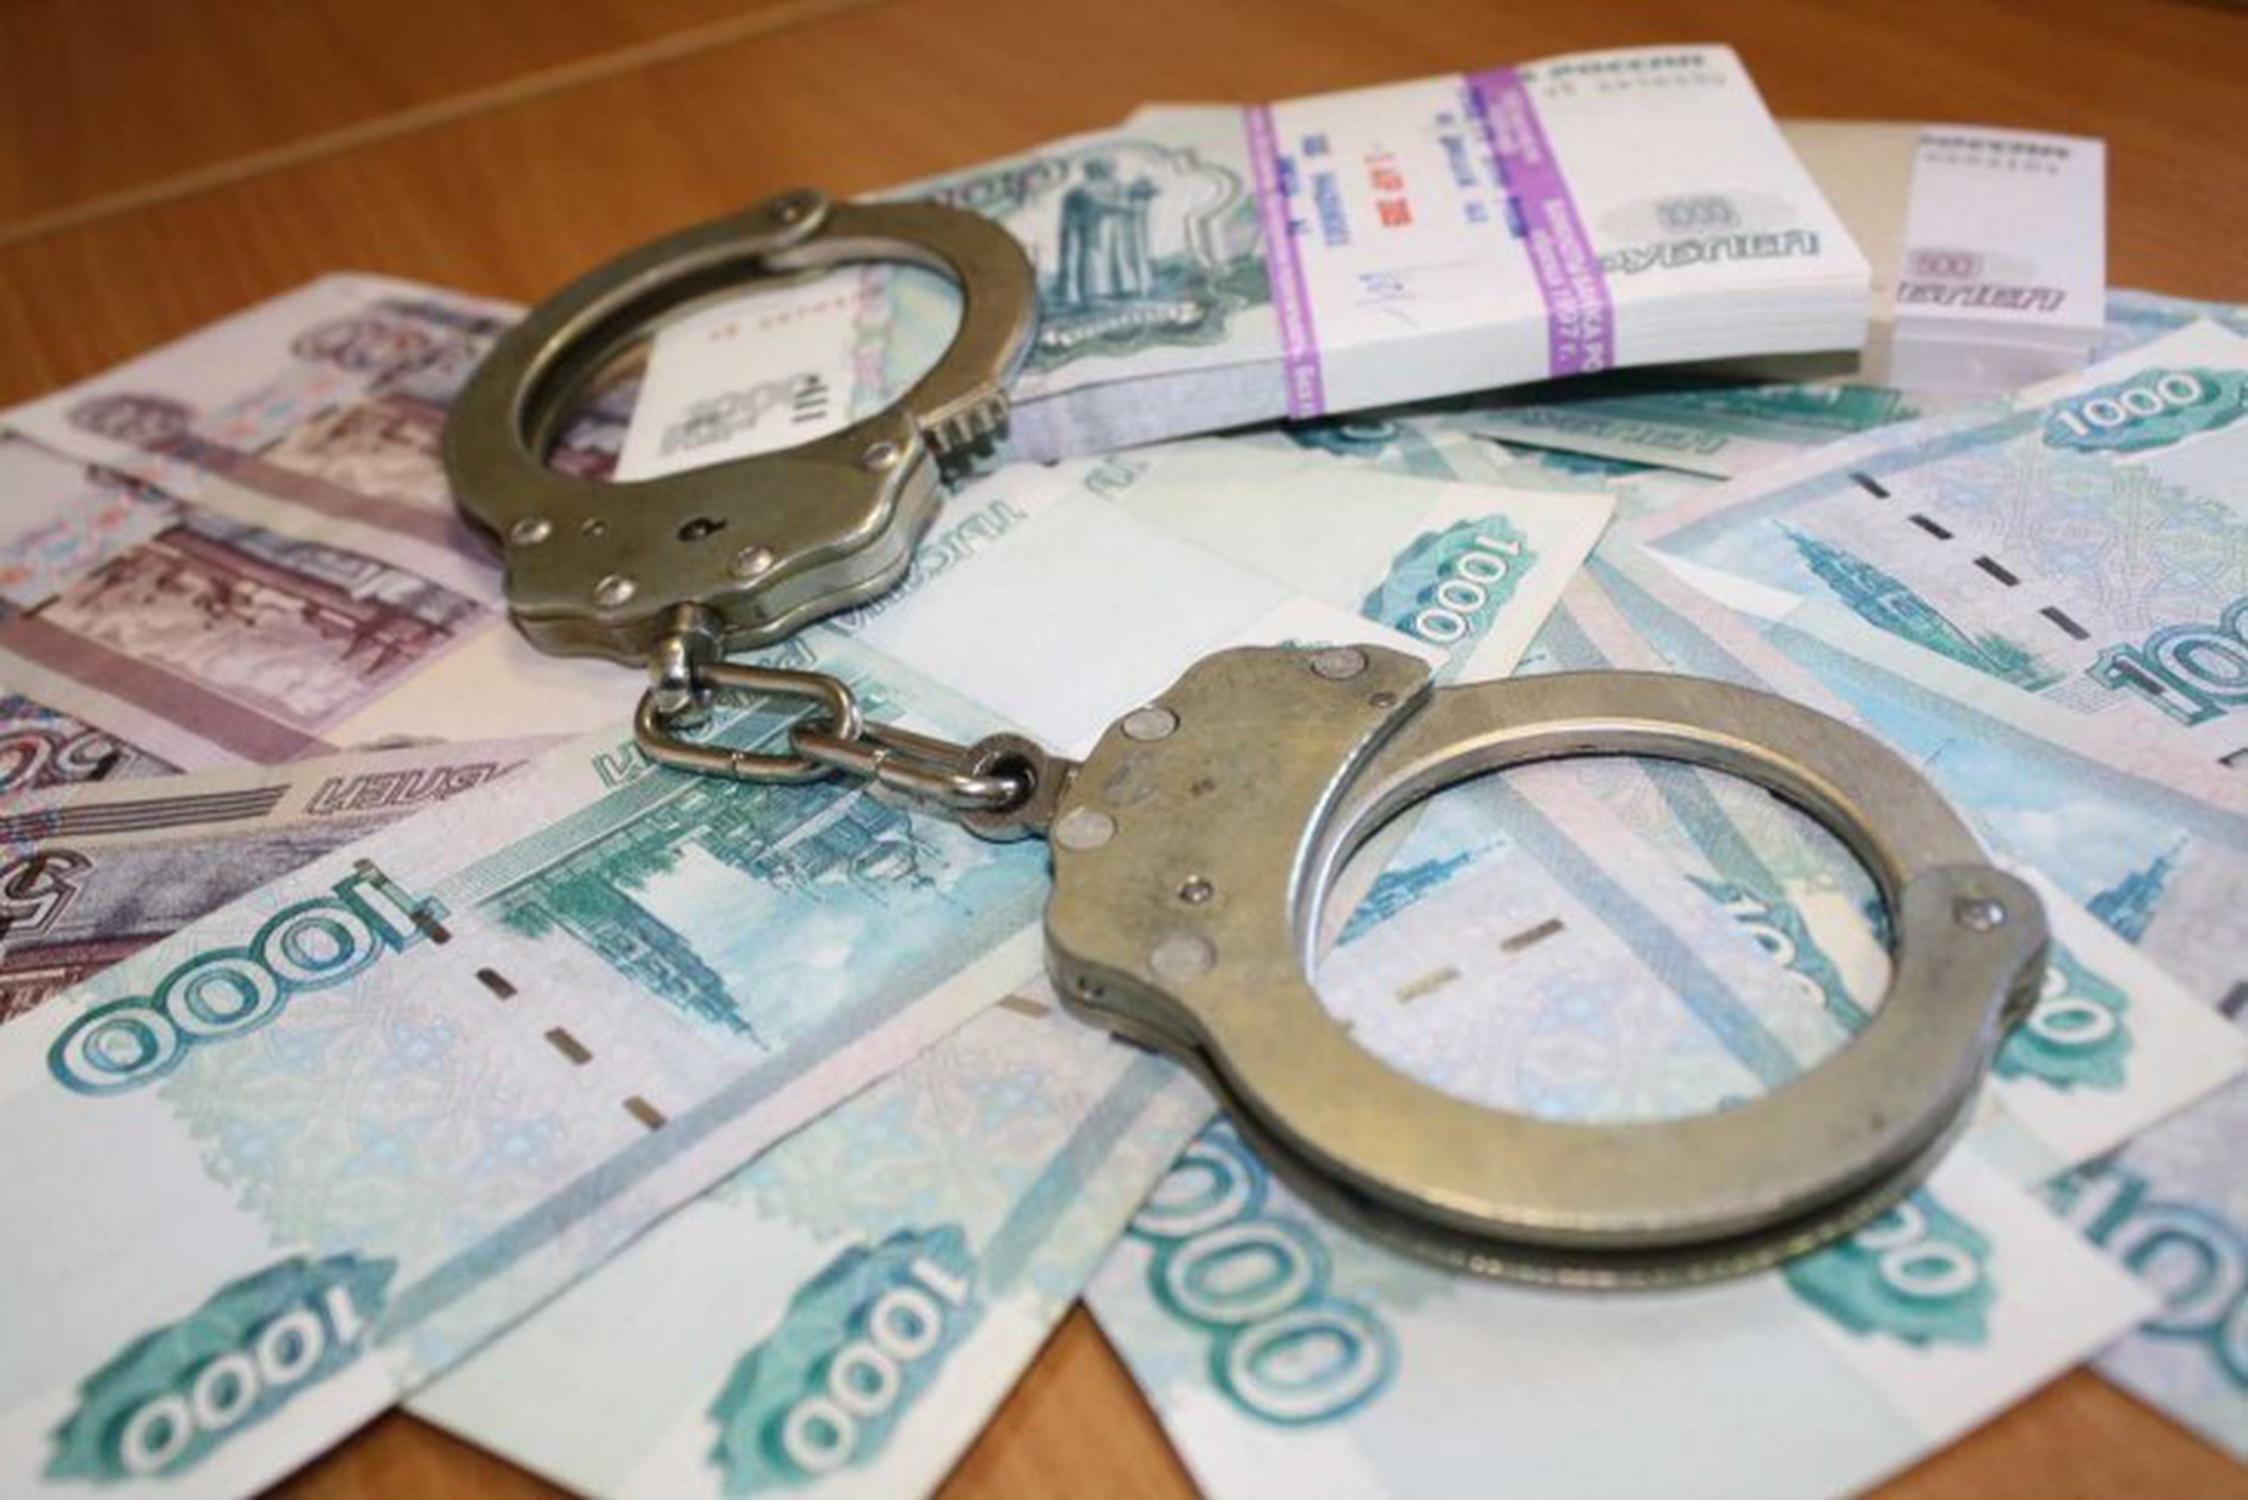 ВУфе руководителя ветстанции подозревают вполучении взятки